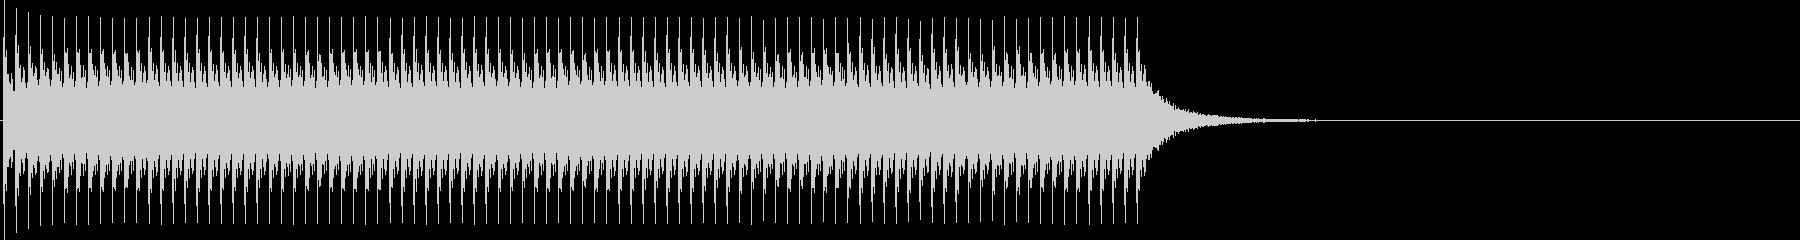 ジリリリ...。非常ベルB(低・長)の未再生の波形